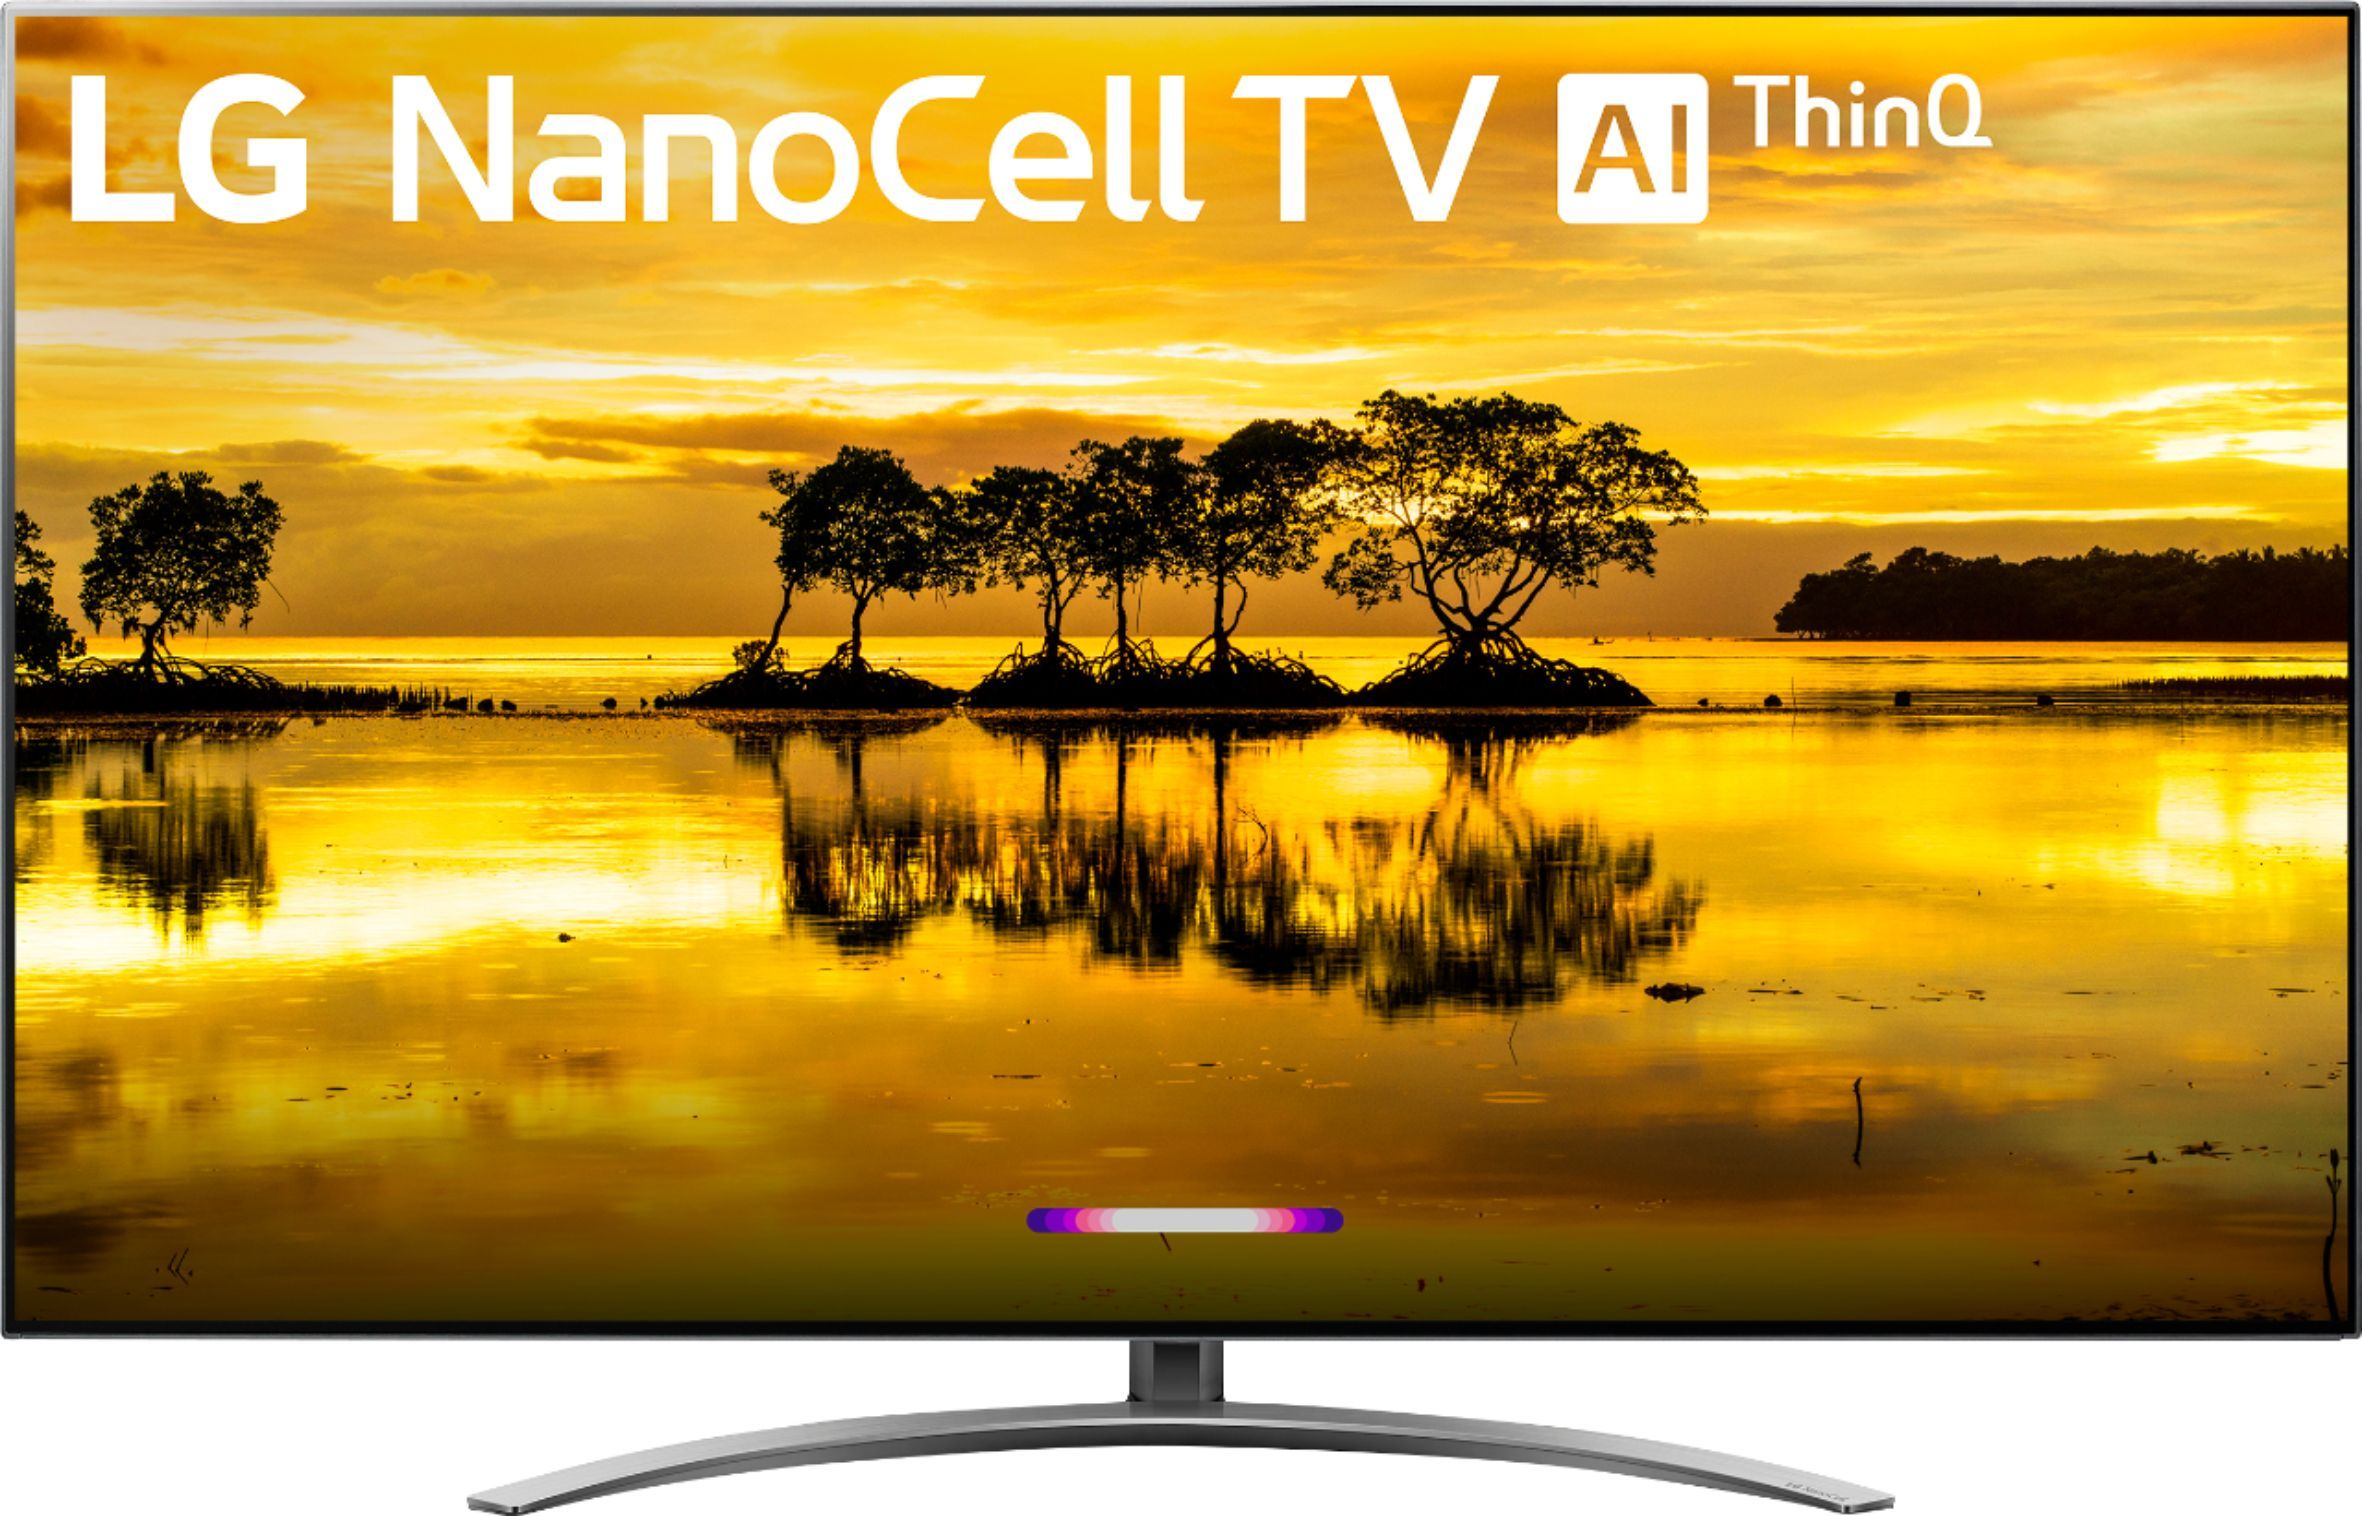 Lg 65 class led nano 9 series 2160p smart 4k